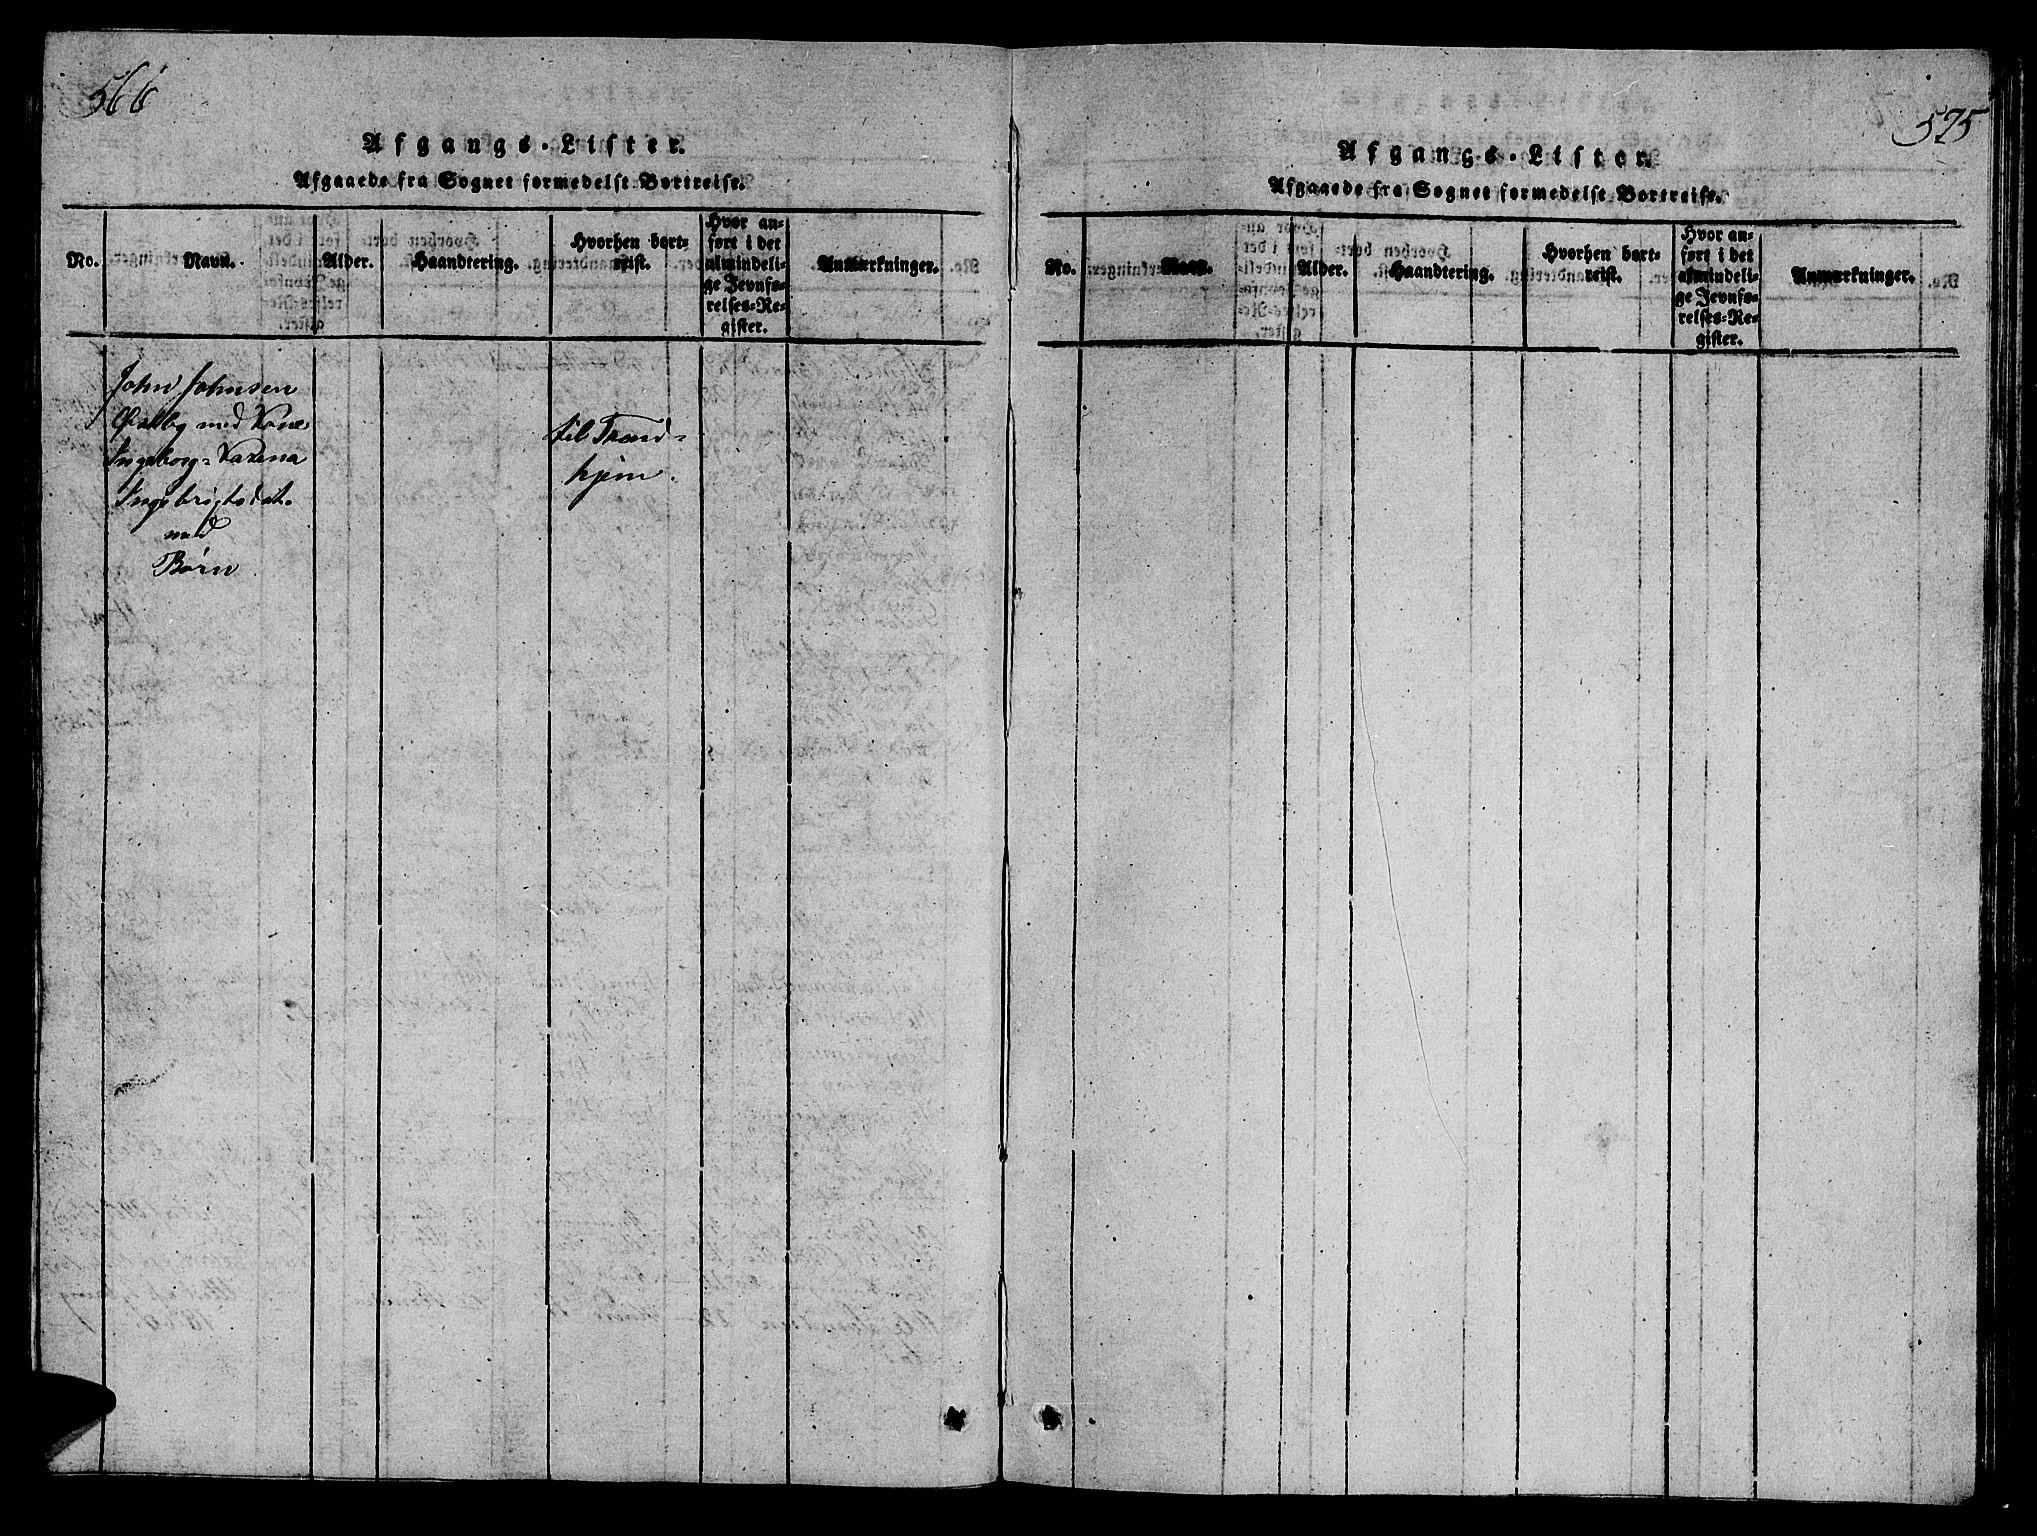 SAT, Ministerialprotokoller, klokkerbøker og fødselsregistre - Sør-Trøndelag, 698/L1164: Klokkerbok nr. 698C01, 1816-1861, s. 566-575